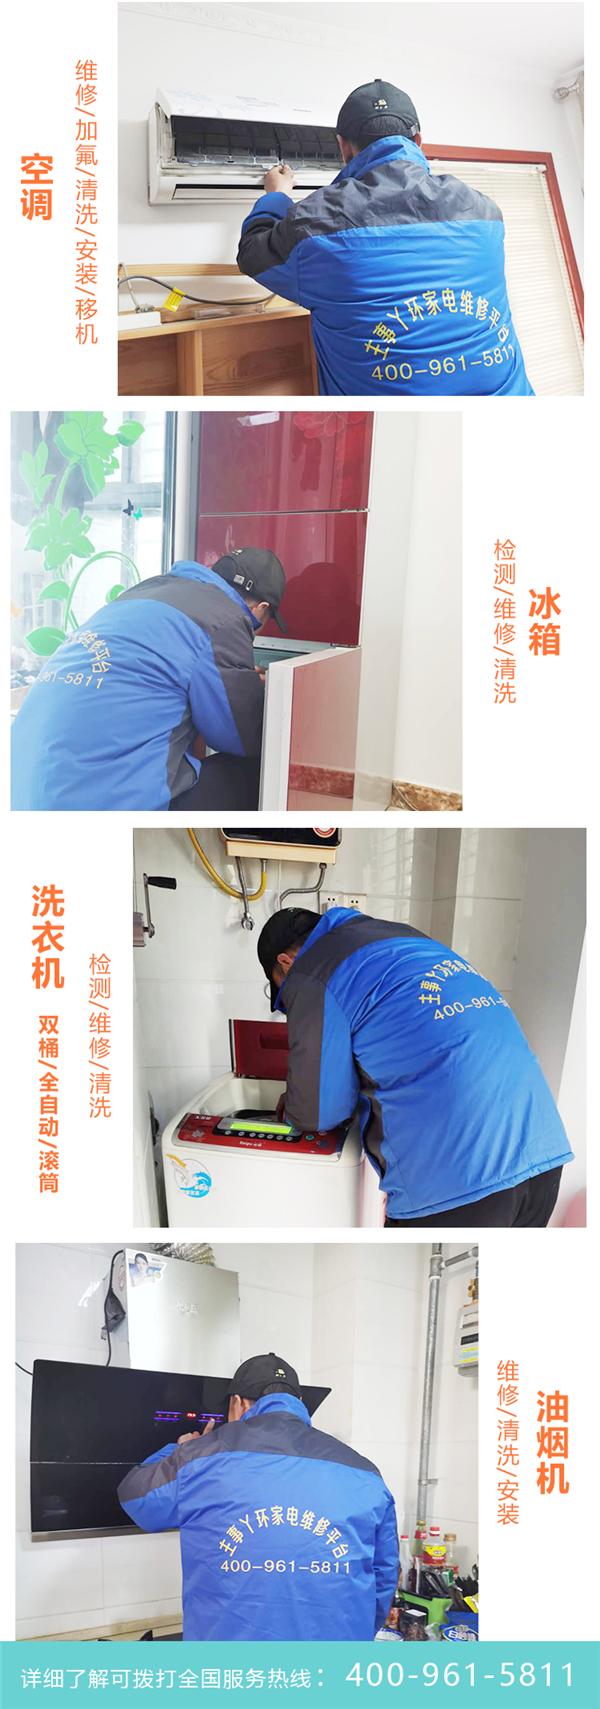 茶吧机维修装机服务部